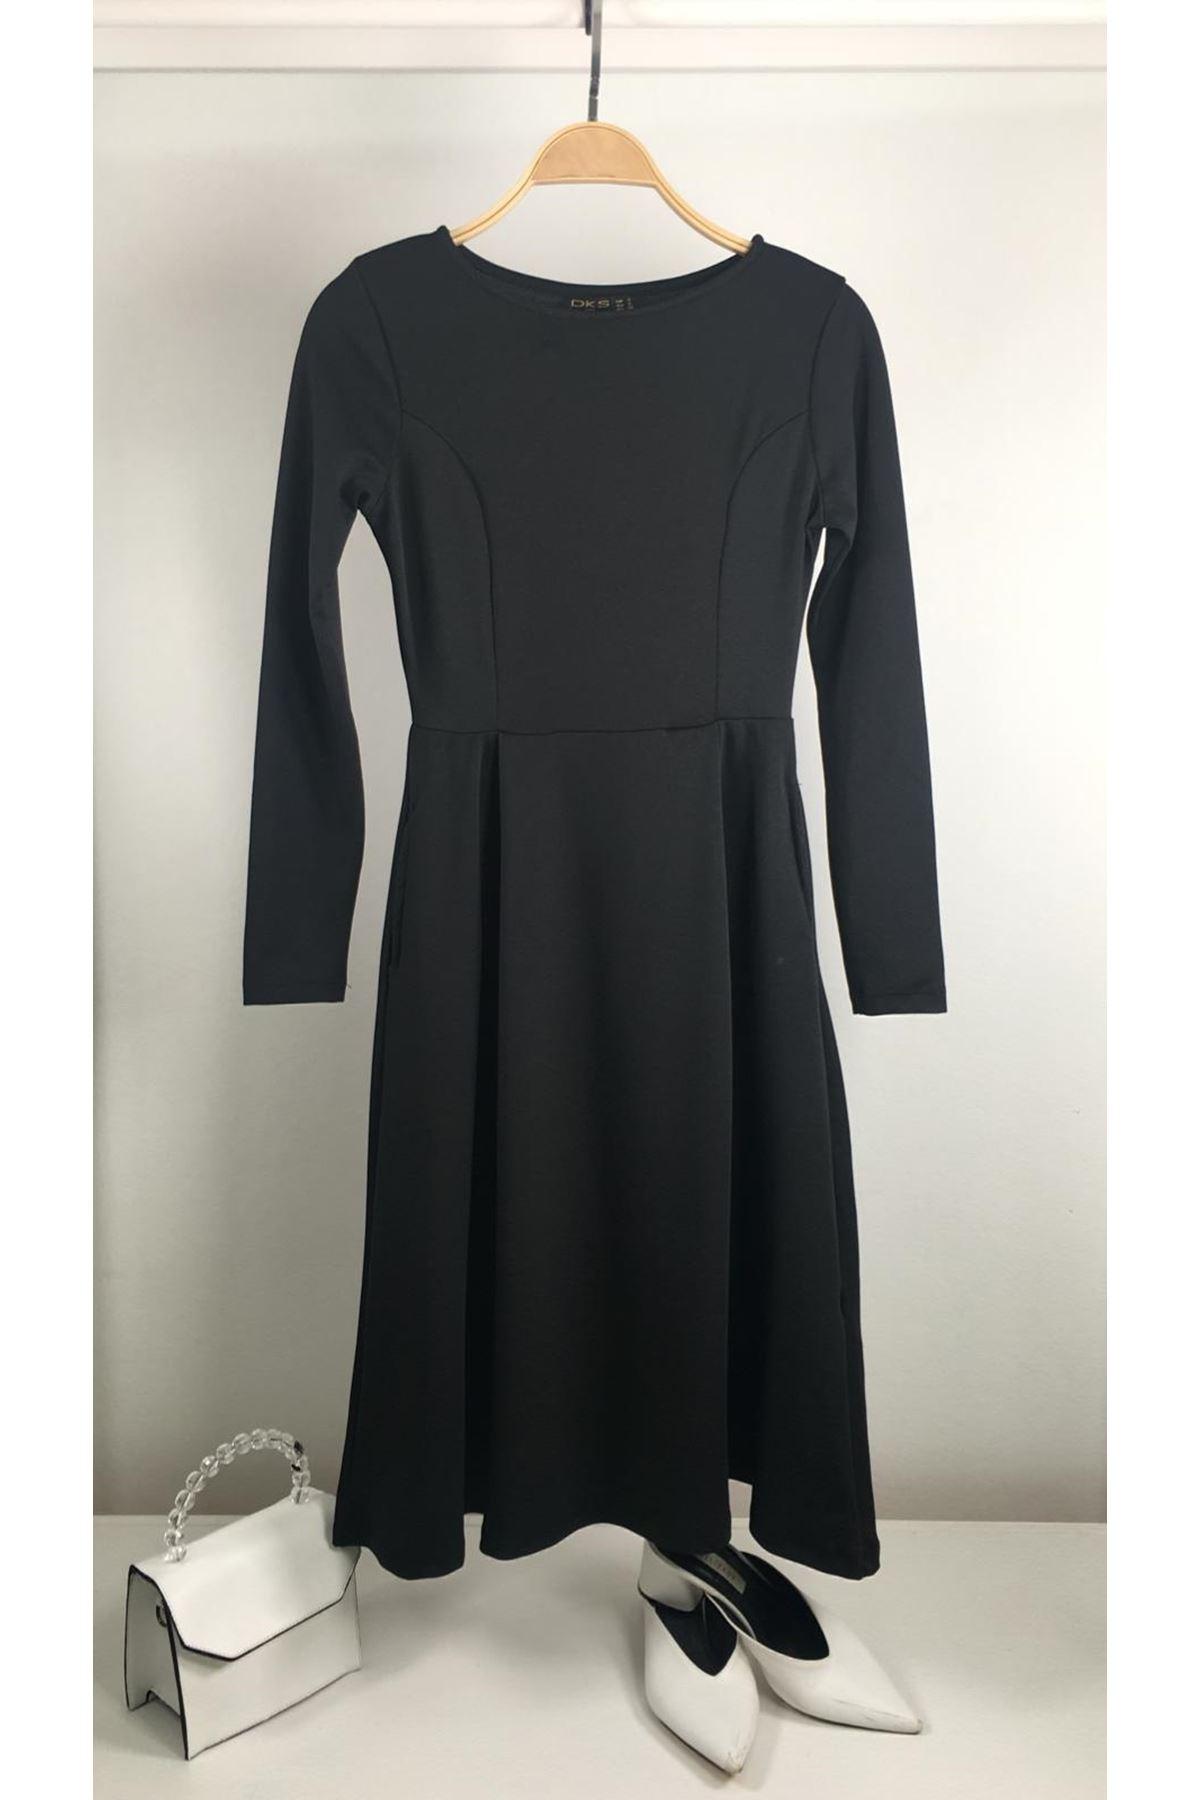 Yeni sezon siyah midiboy elbise SİYAH